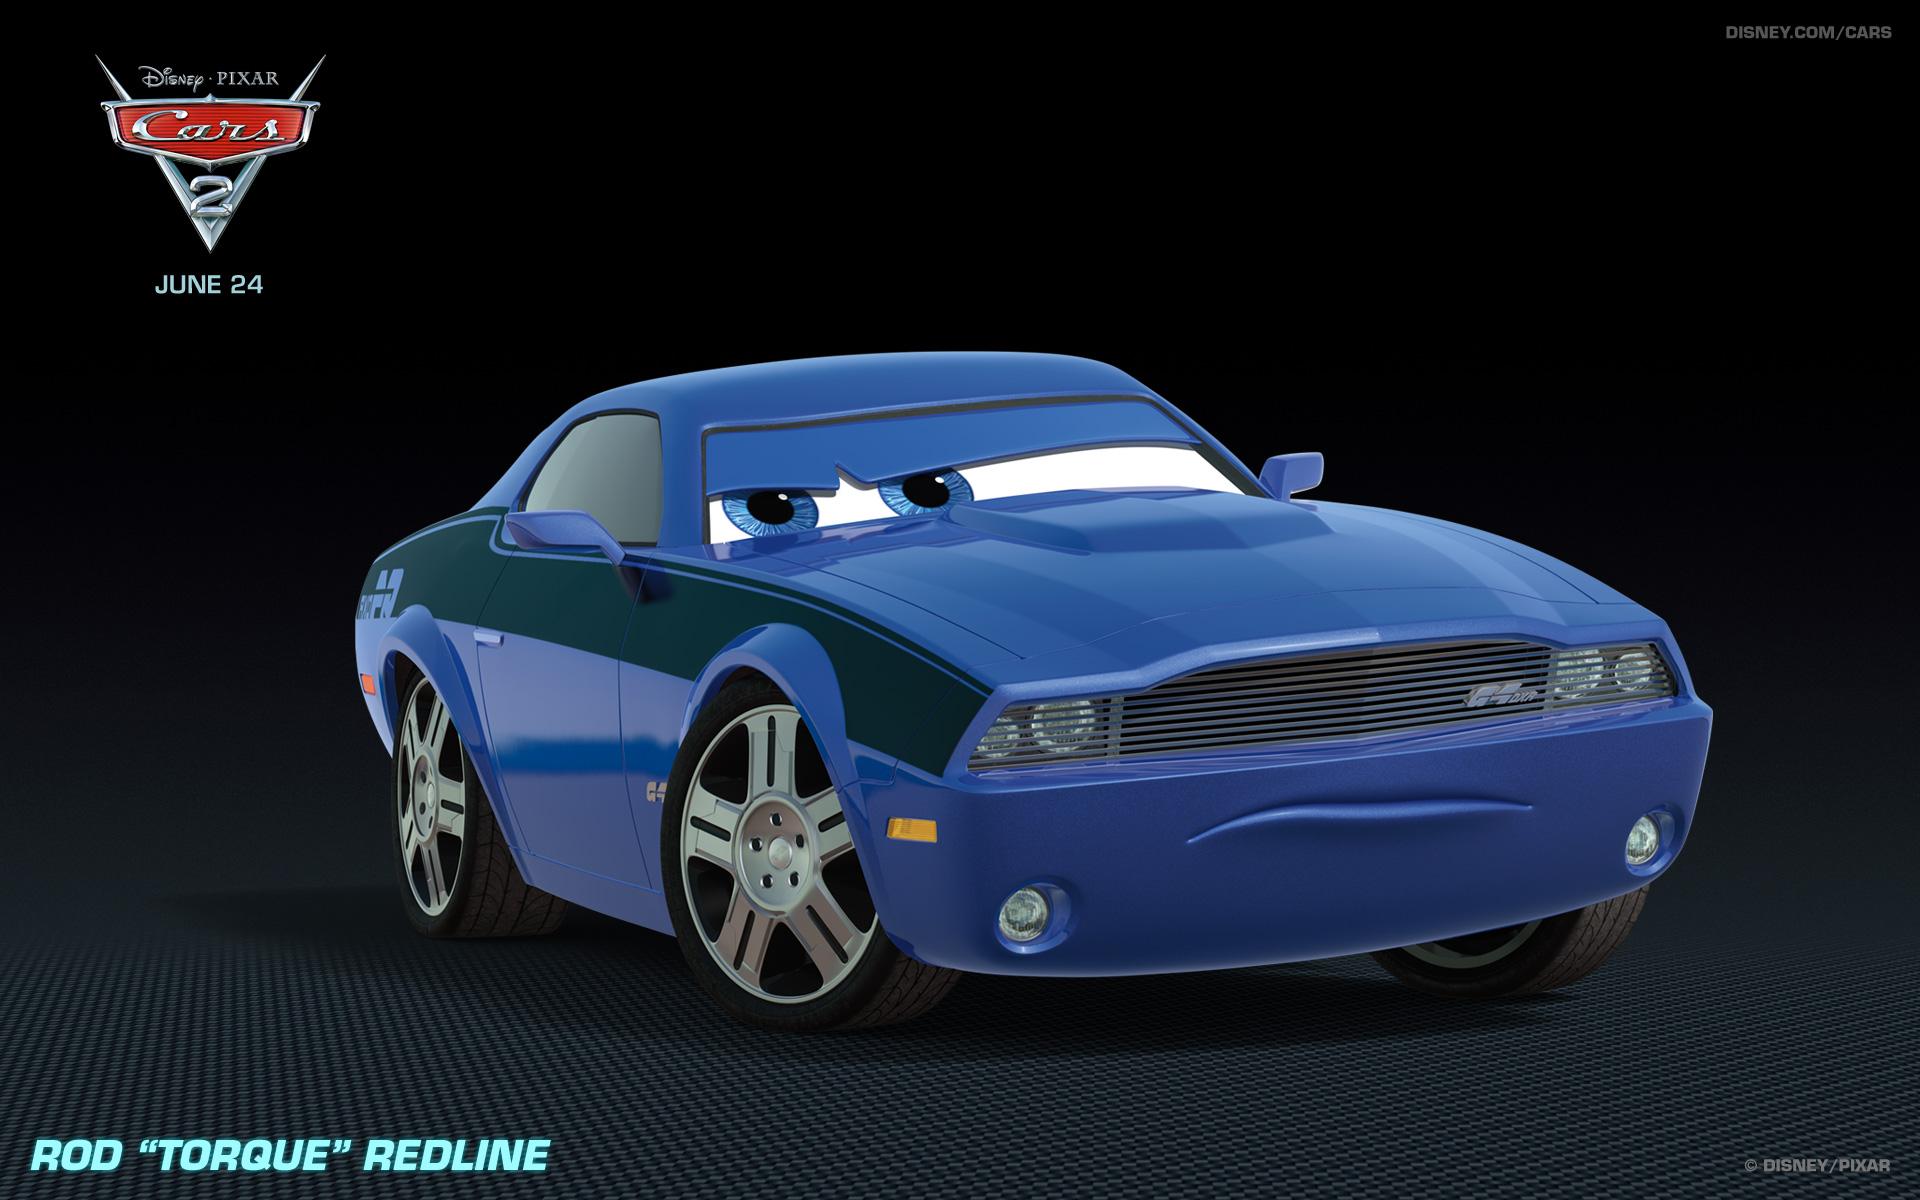 rod redline pixar wiki disney pixar animation studios. Black Bedroom Furniture Sets. Home Design Ideas